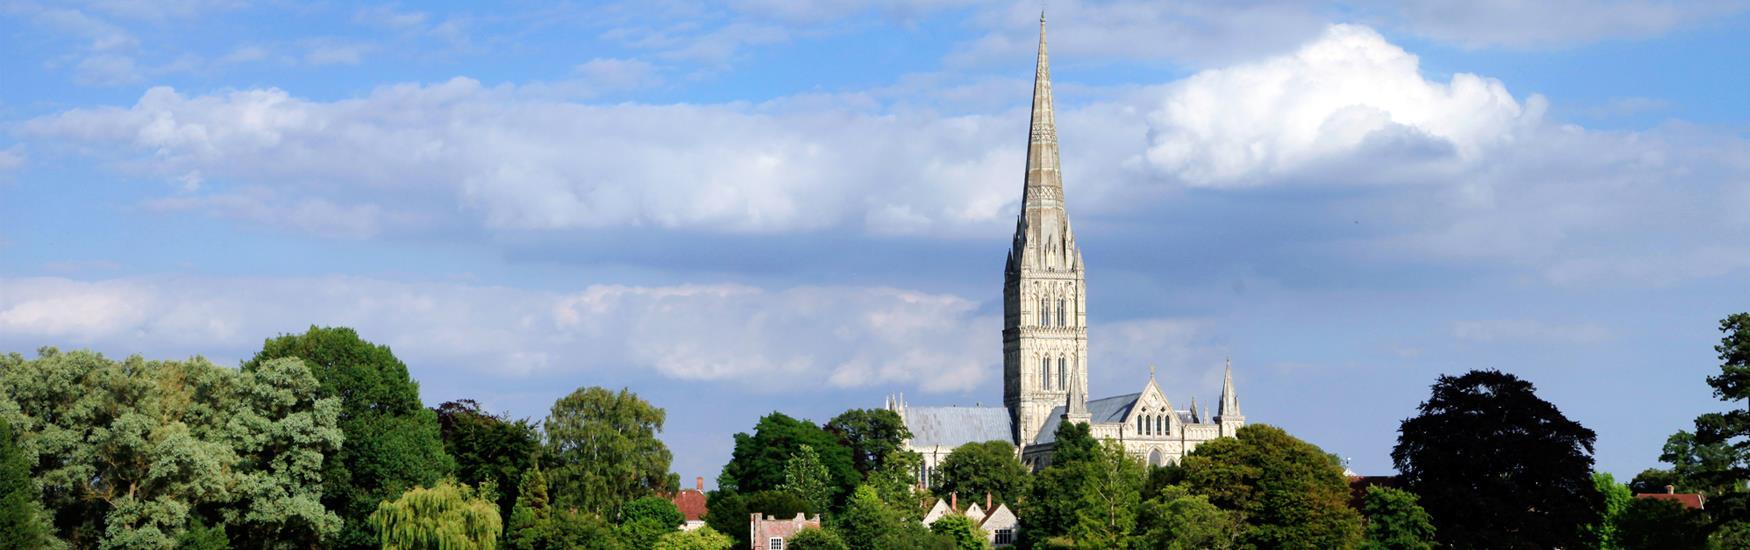 Image courtesy: www.visitwiltshire.co.uk